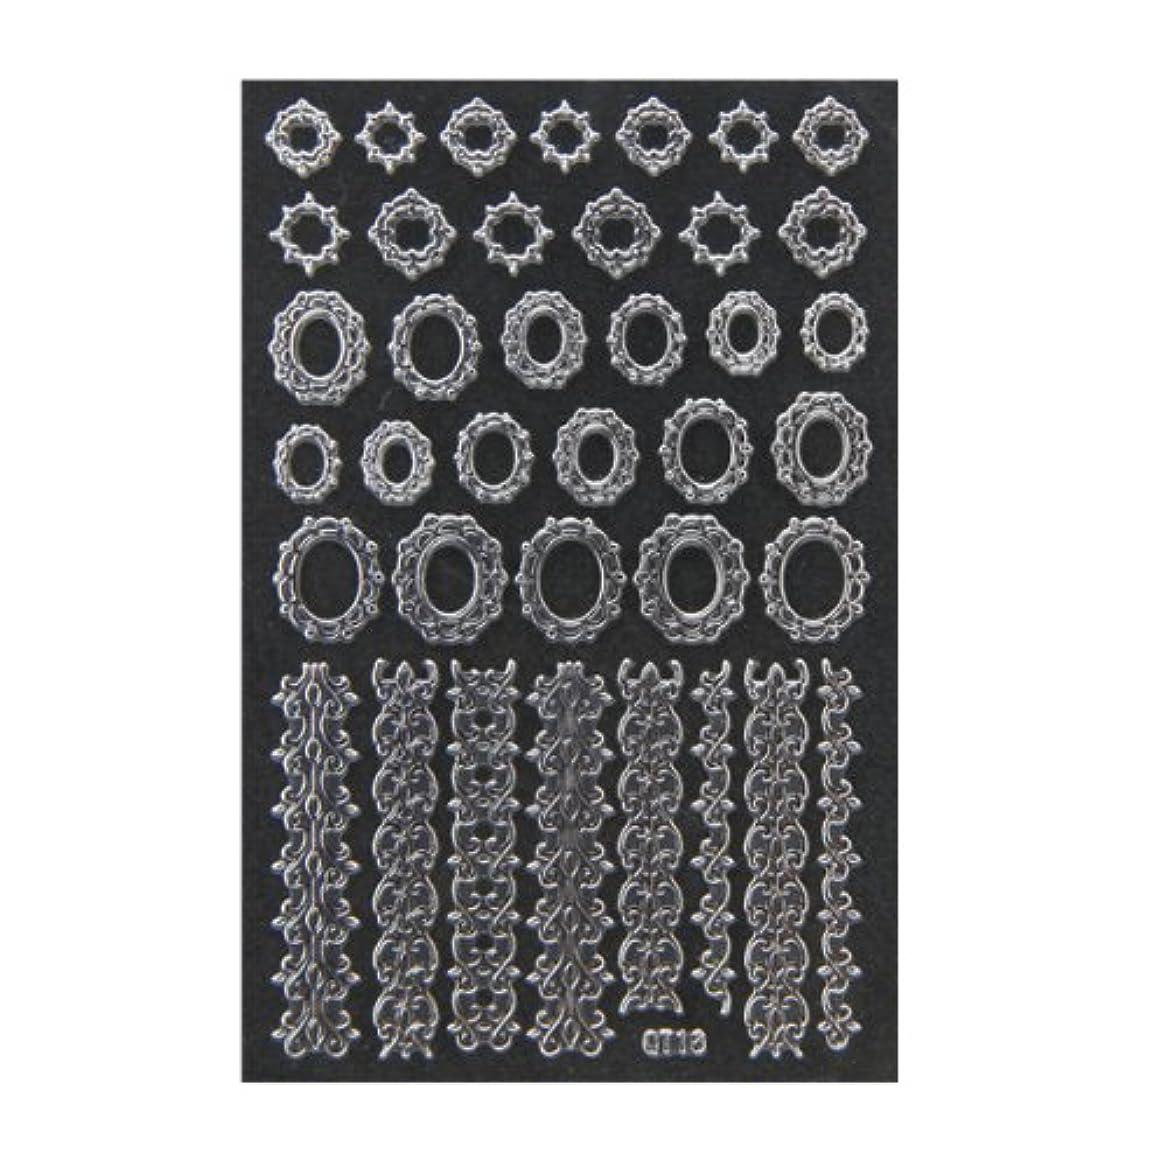 苦味フラッシュのように素早く種ネイルシール 3D ネイルシート ファッションネイル メタリックシール42 (ネイル用品)